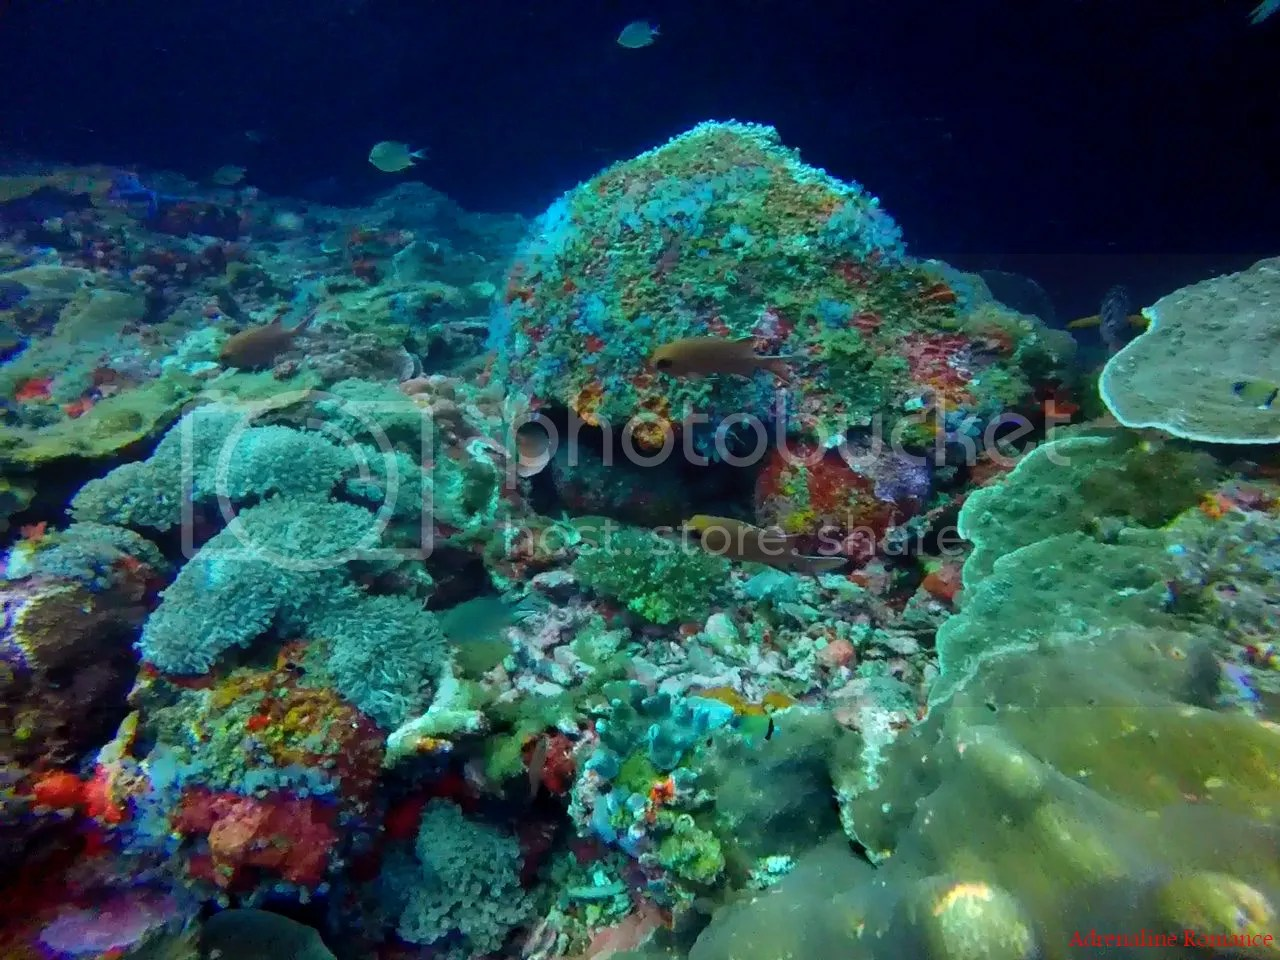 Scuba Diving in Chapel, Apo Island: Finding Love, Beauty ...